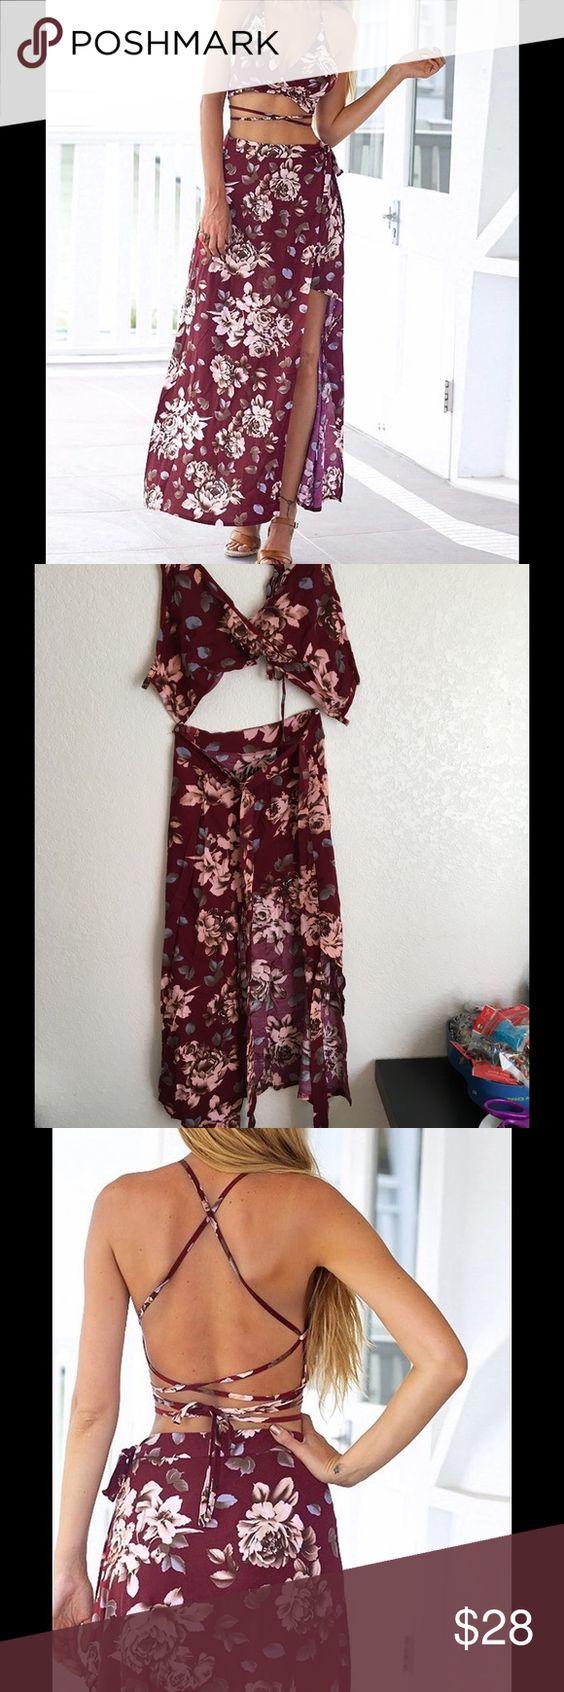 HOST PICK.  Beach Floral Dress So Fancy,Gorgeous Design! S,M,L,XL Swim Coverups